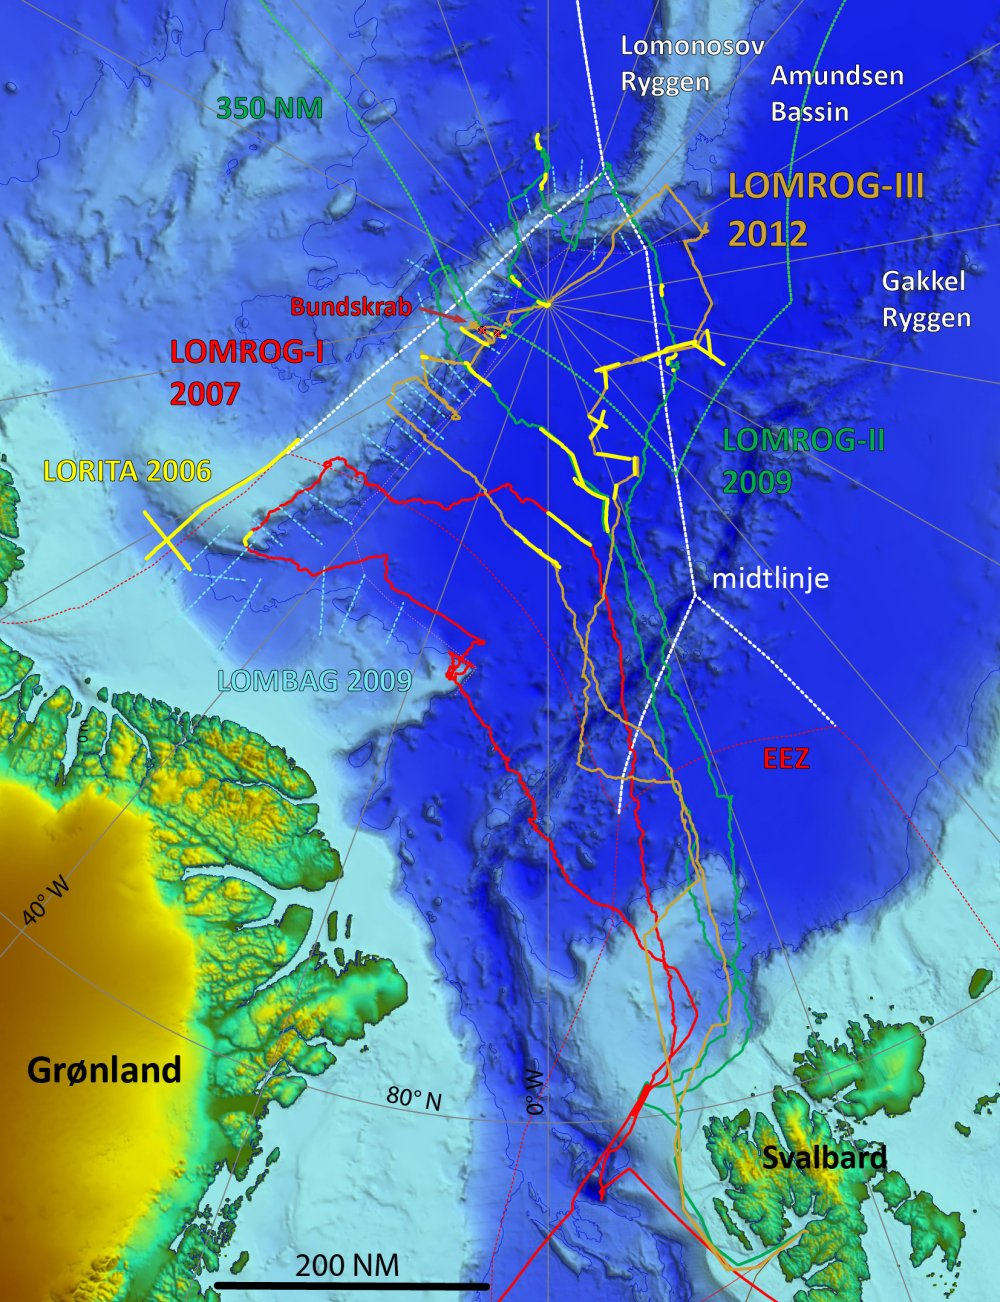 Bathymetrisk kort der viser LOMROG III togtets sejlrute (orange linje) i 2012 samt den øvrige dataindsamling i området nord for Grønland fra 2006 til 2012.